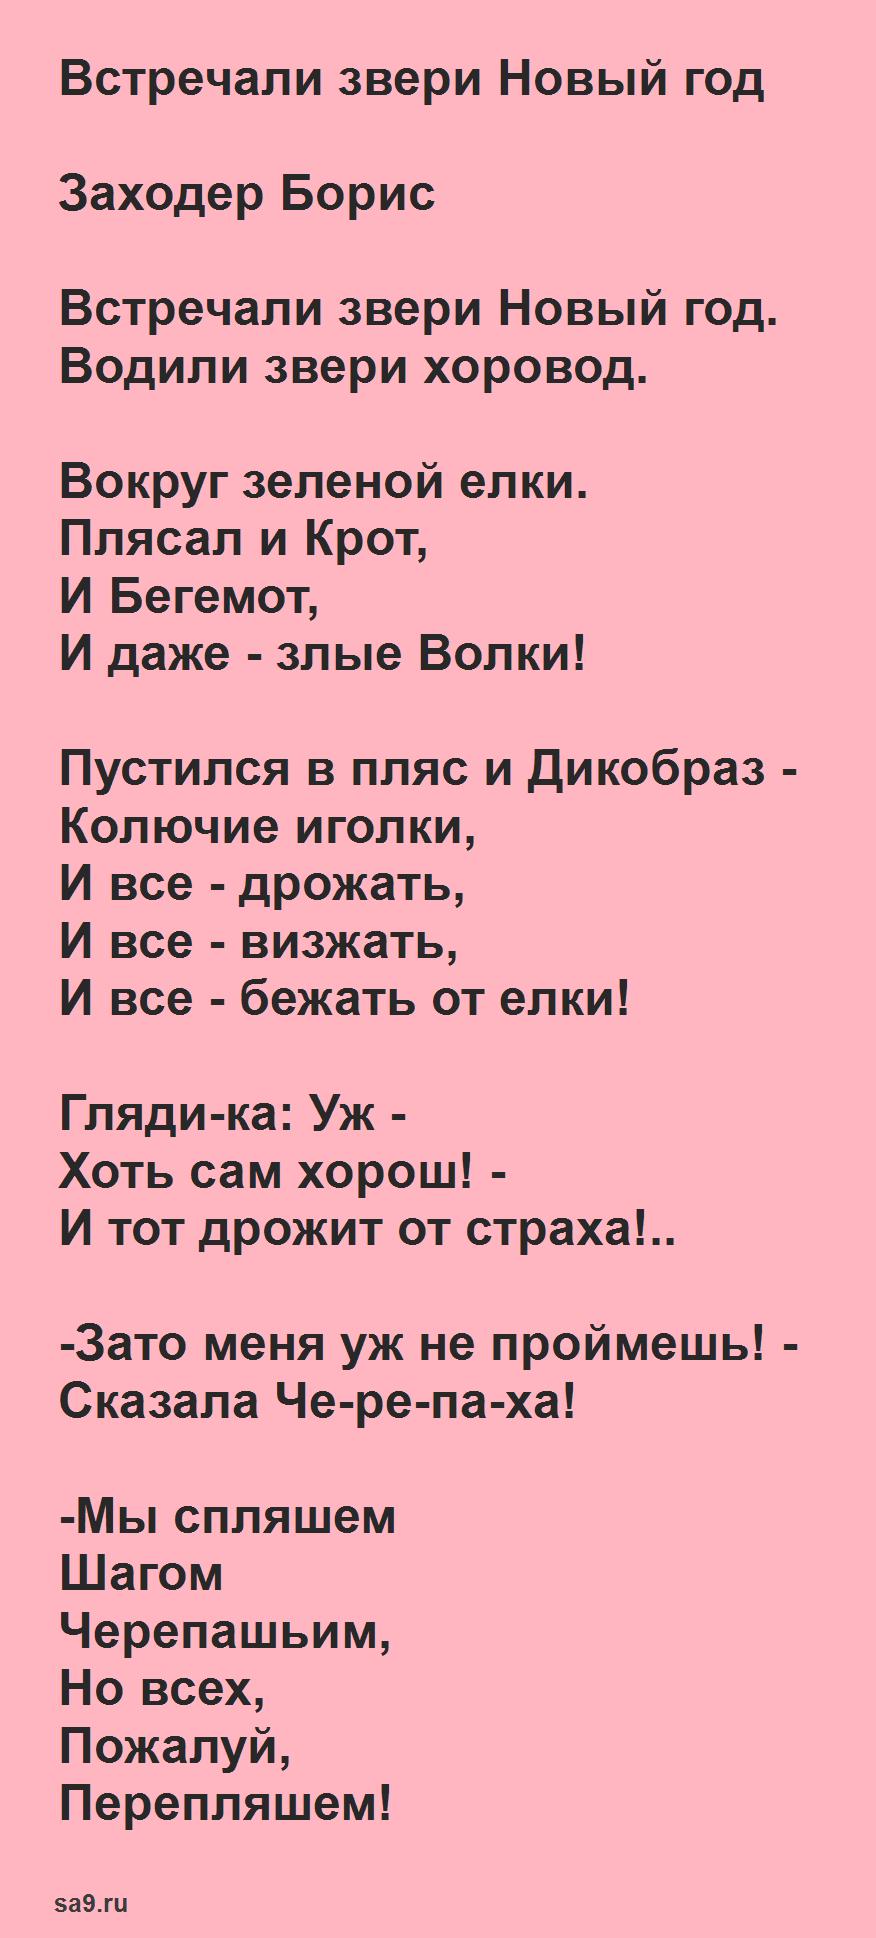 Стихи про Новый год для младших школьников